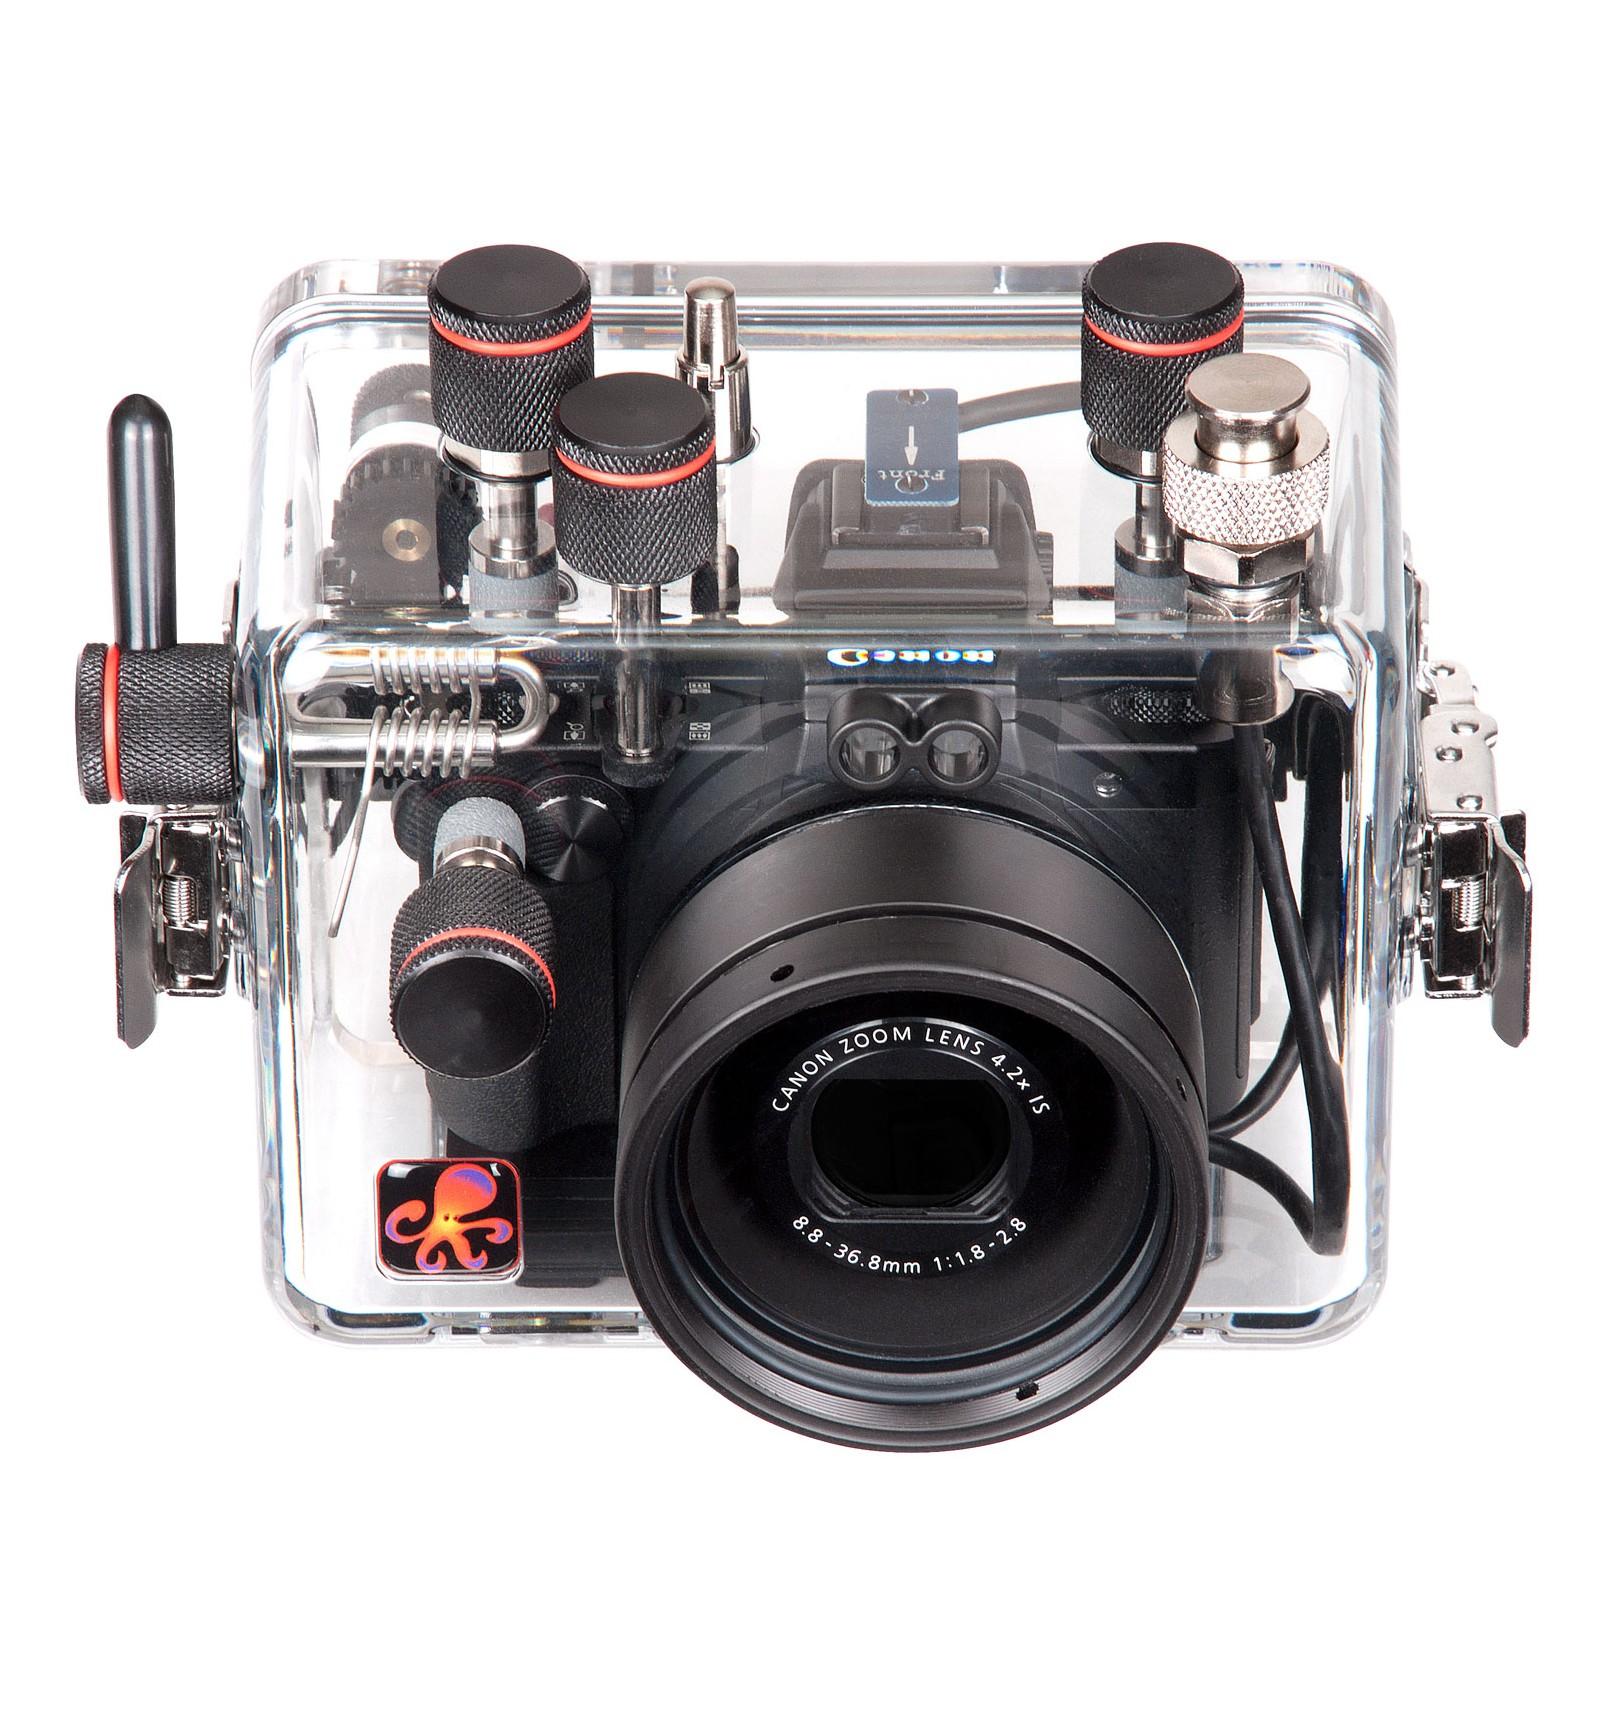 Undervandshus Til Canon G5x Danish Divers A S Powershot Kamera Pocket Housing For